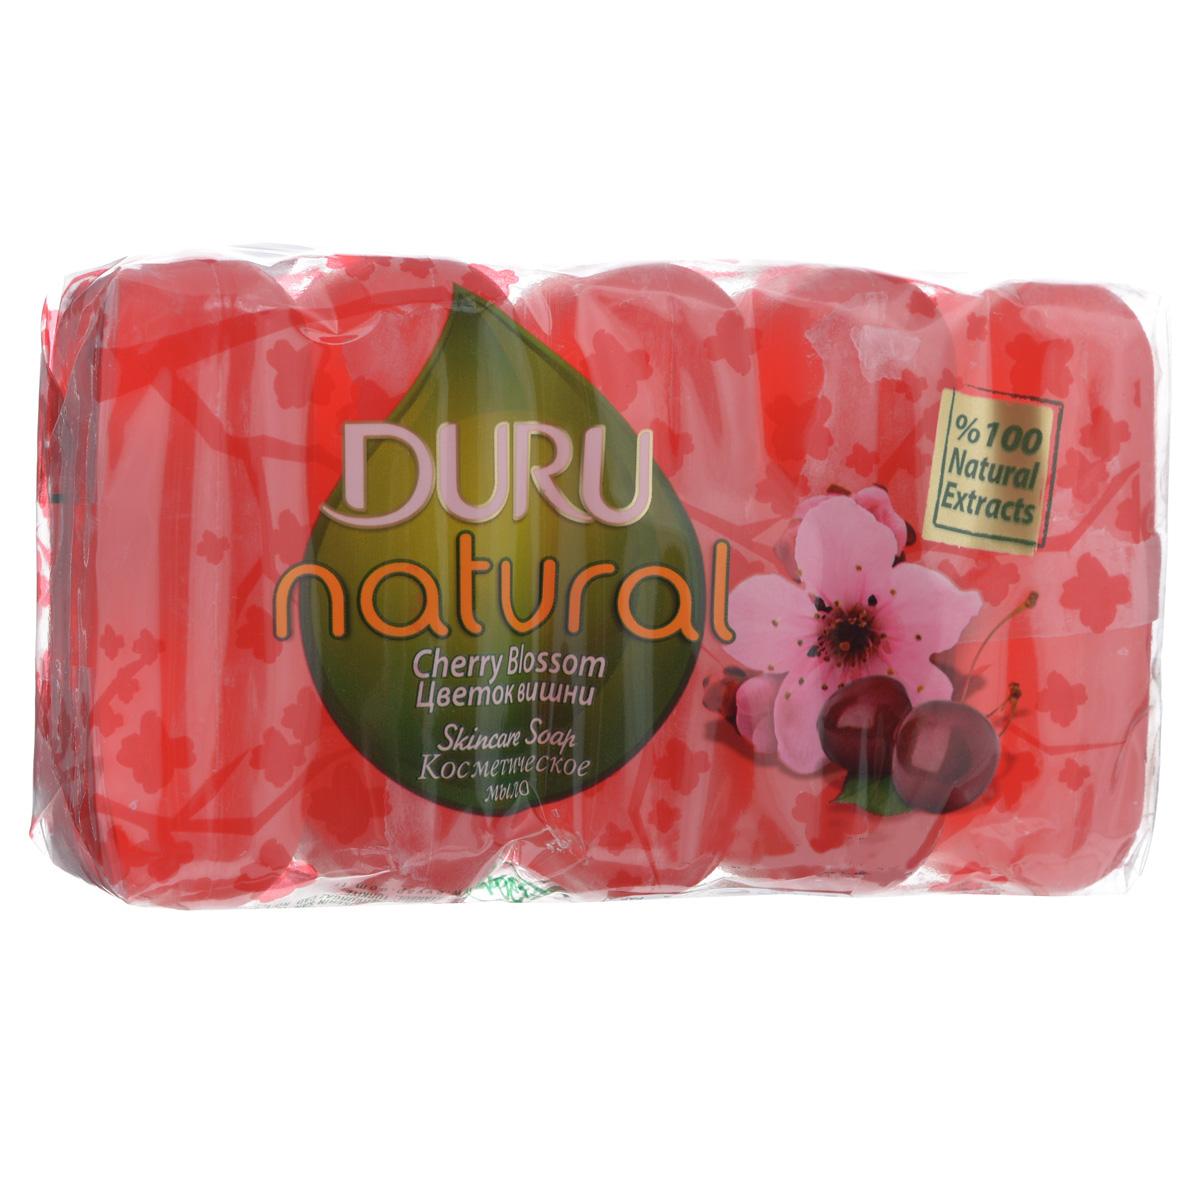 Duru NATURAL Мыло Цветок вишни э/пак 5*70г800031781Прозрачное глицериновое мыло с природными маслами и экстрактами для бережной заботы о Вашей коже ?Дополнительное увлажнение и смягчение благодаря глицерину ?Натуральные экстракты ?Высокое качество продукции